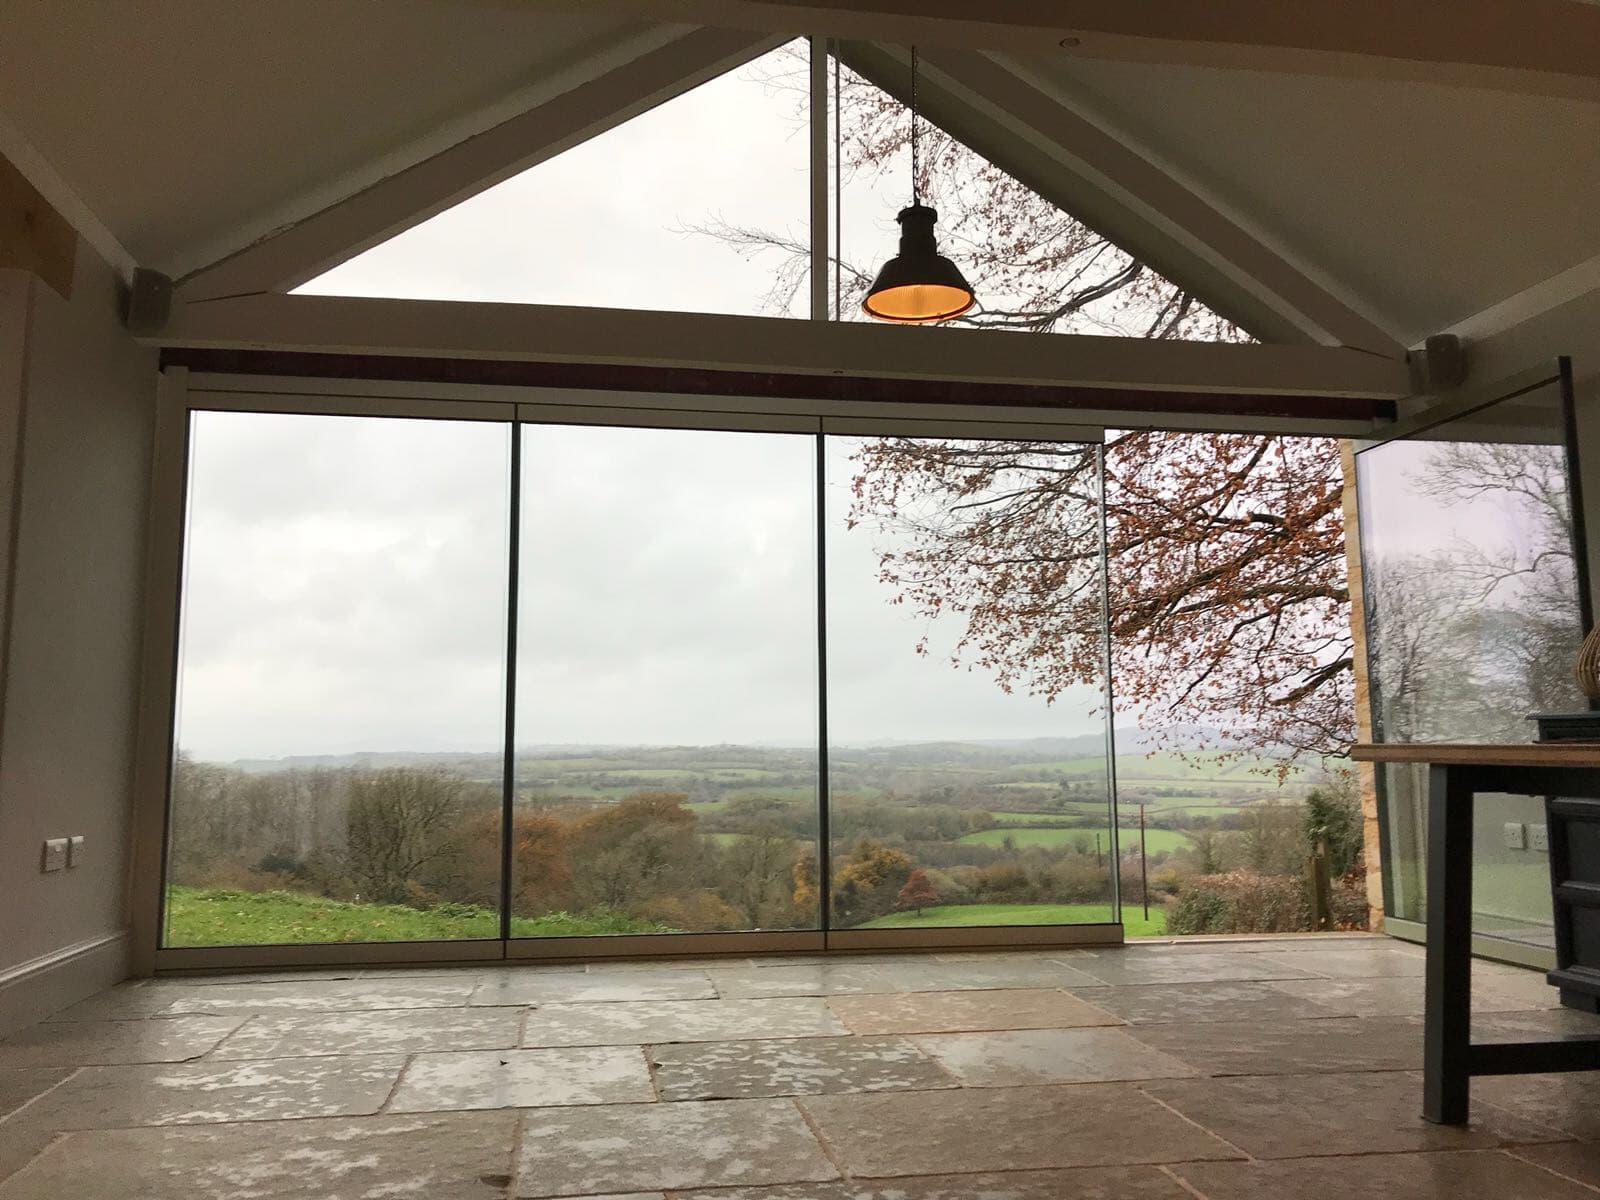 Beaminster Frameless doors & gable window image 3